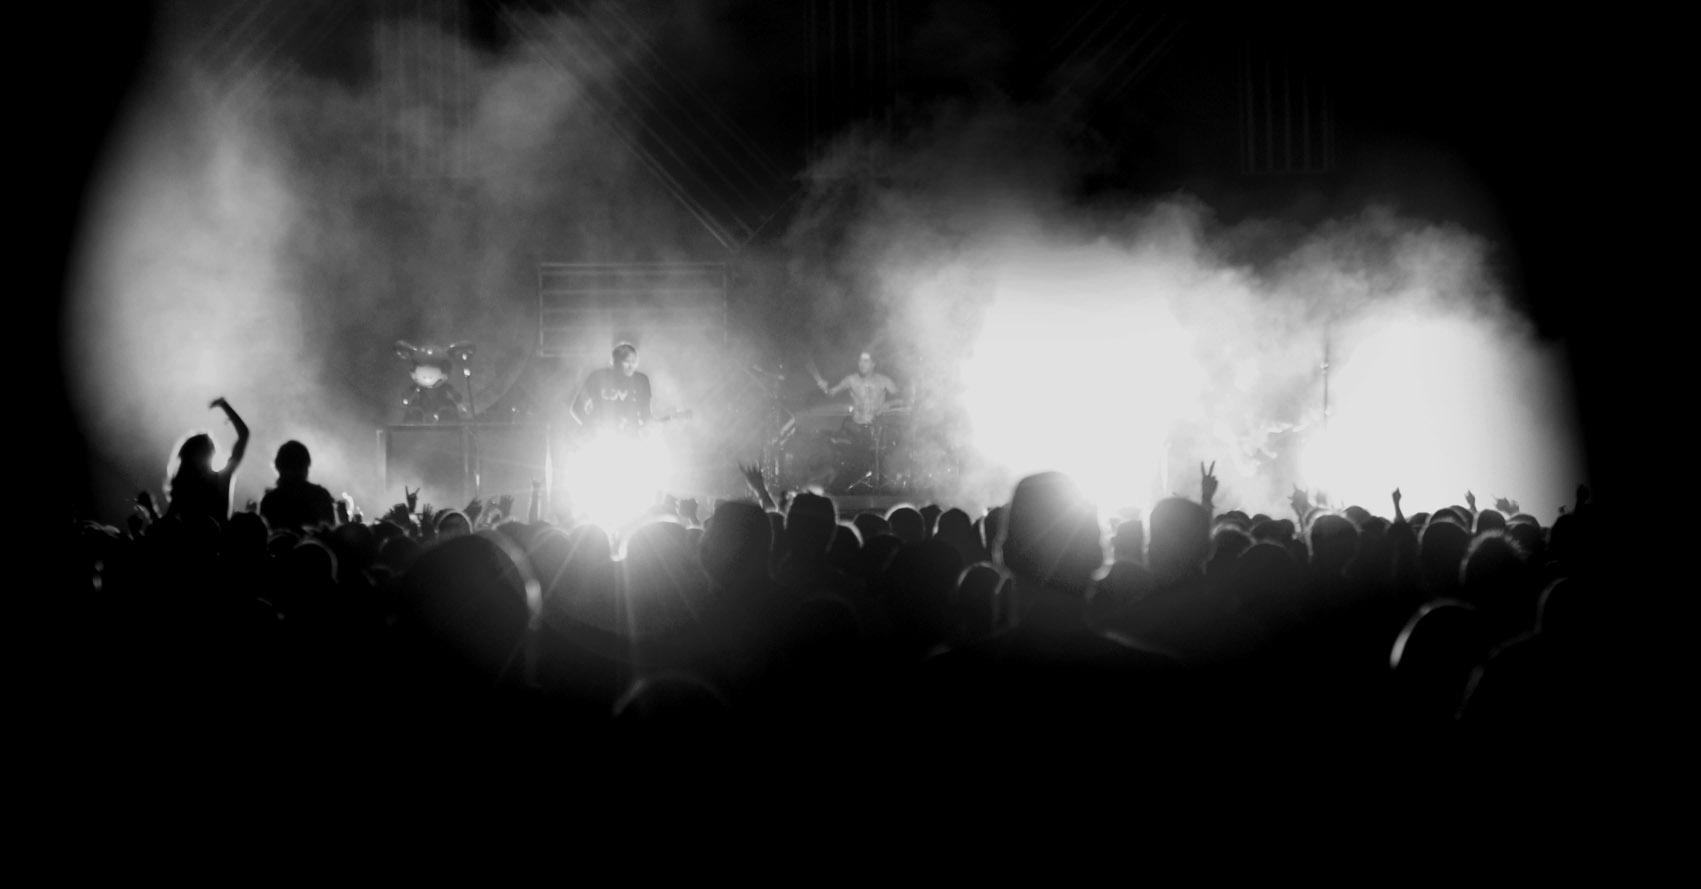 Pics photos rock concert background - Pics Photos Rock Concert Background 22